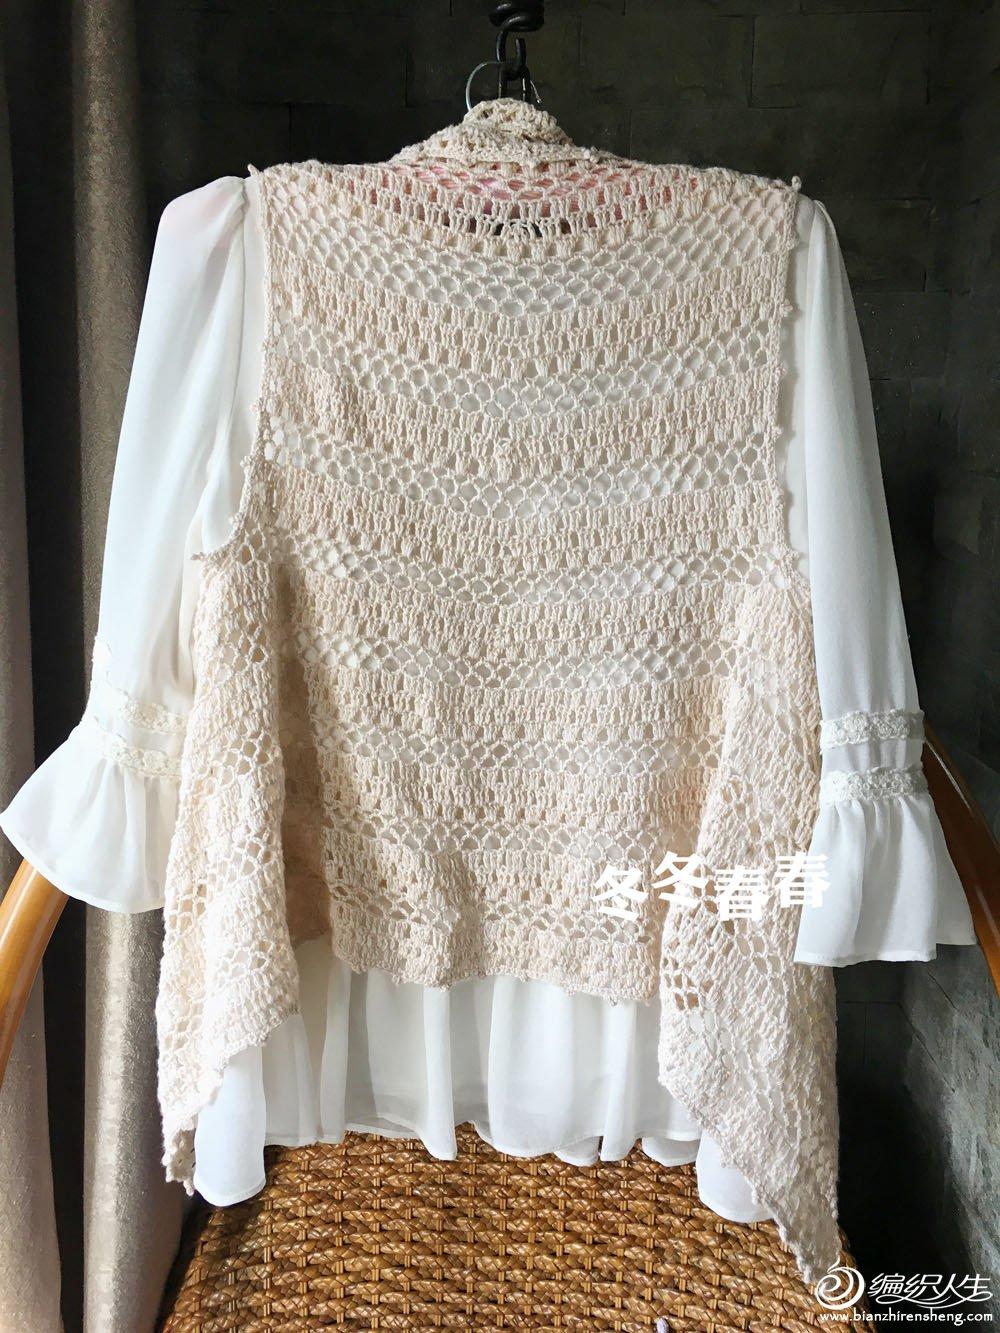 毛线球款时尚简约女士钩针披肩式背心-编织教程-编织